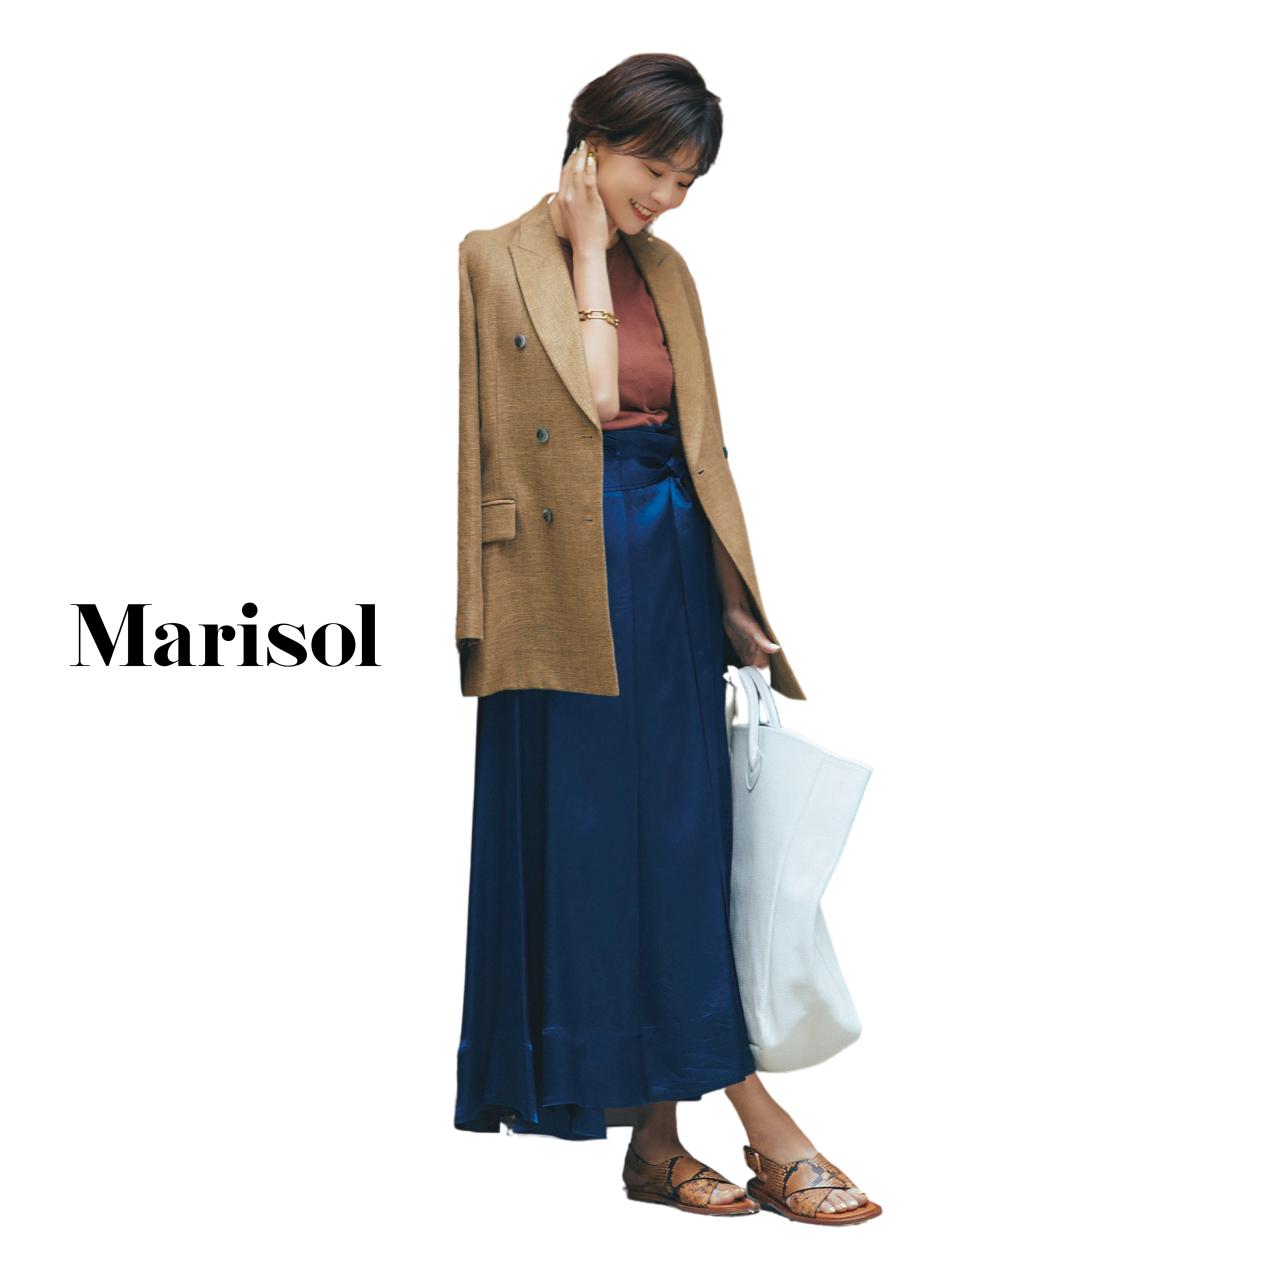 40代ファッション リネンジャケット×ロングスカートコーデ